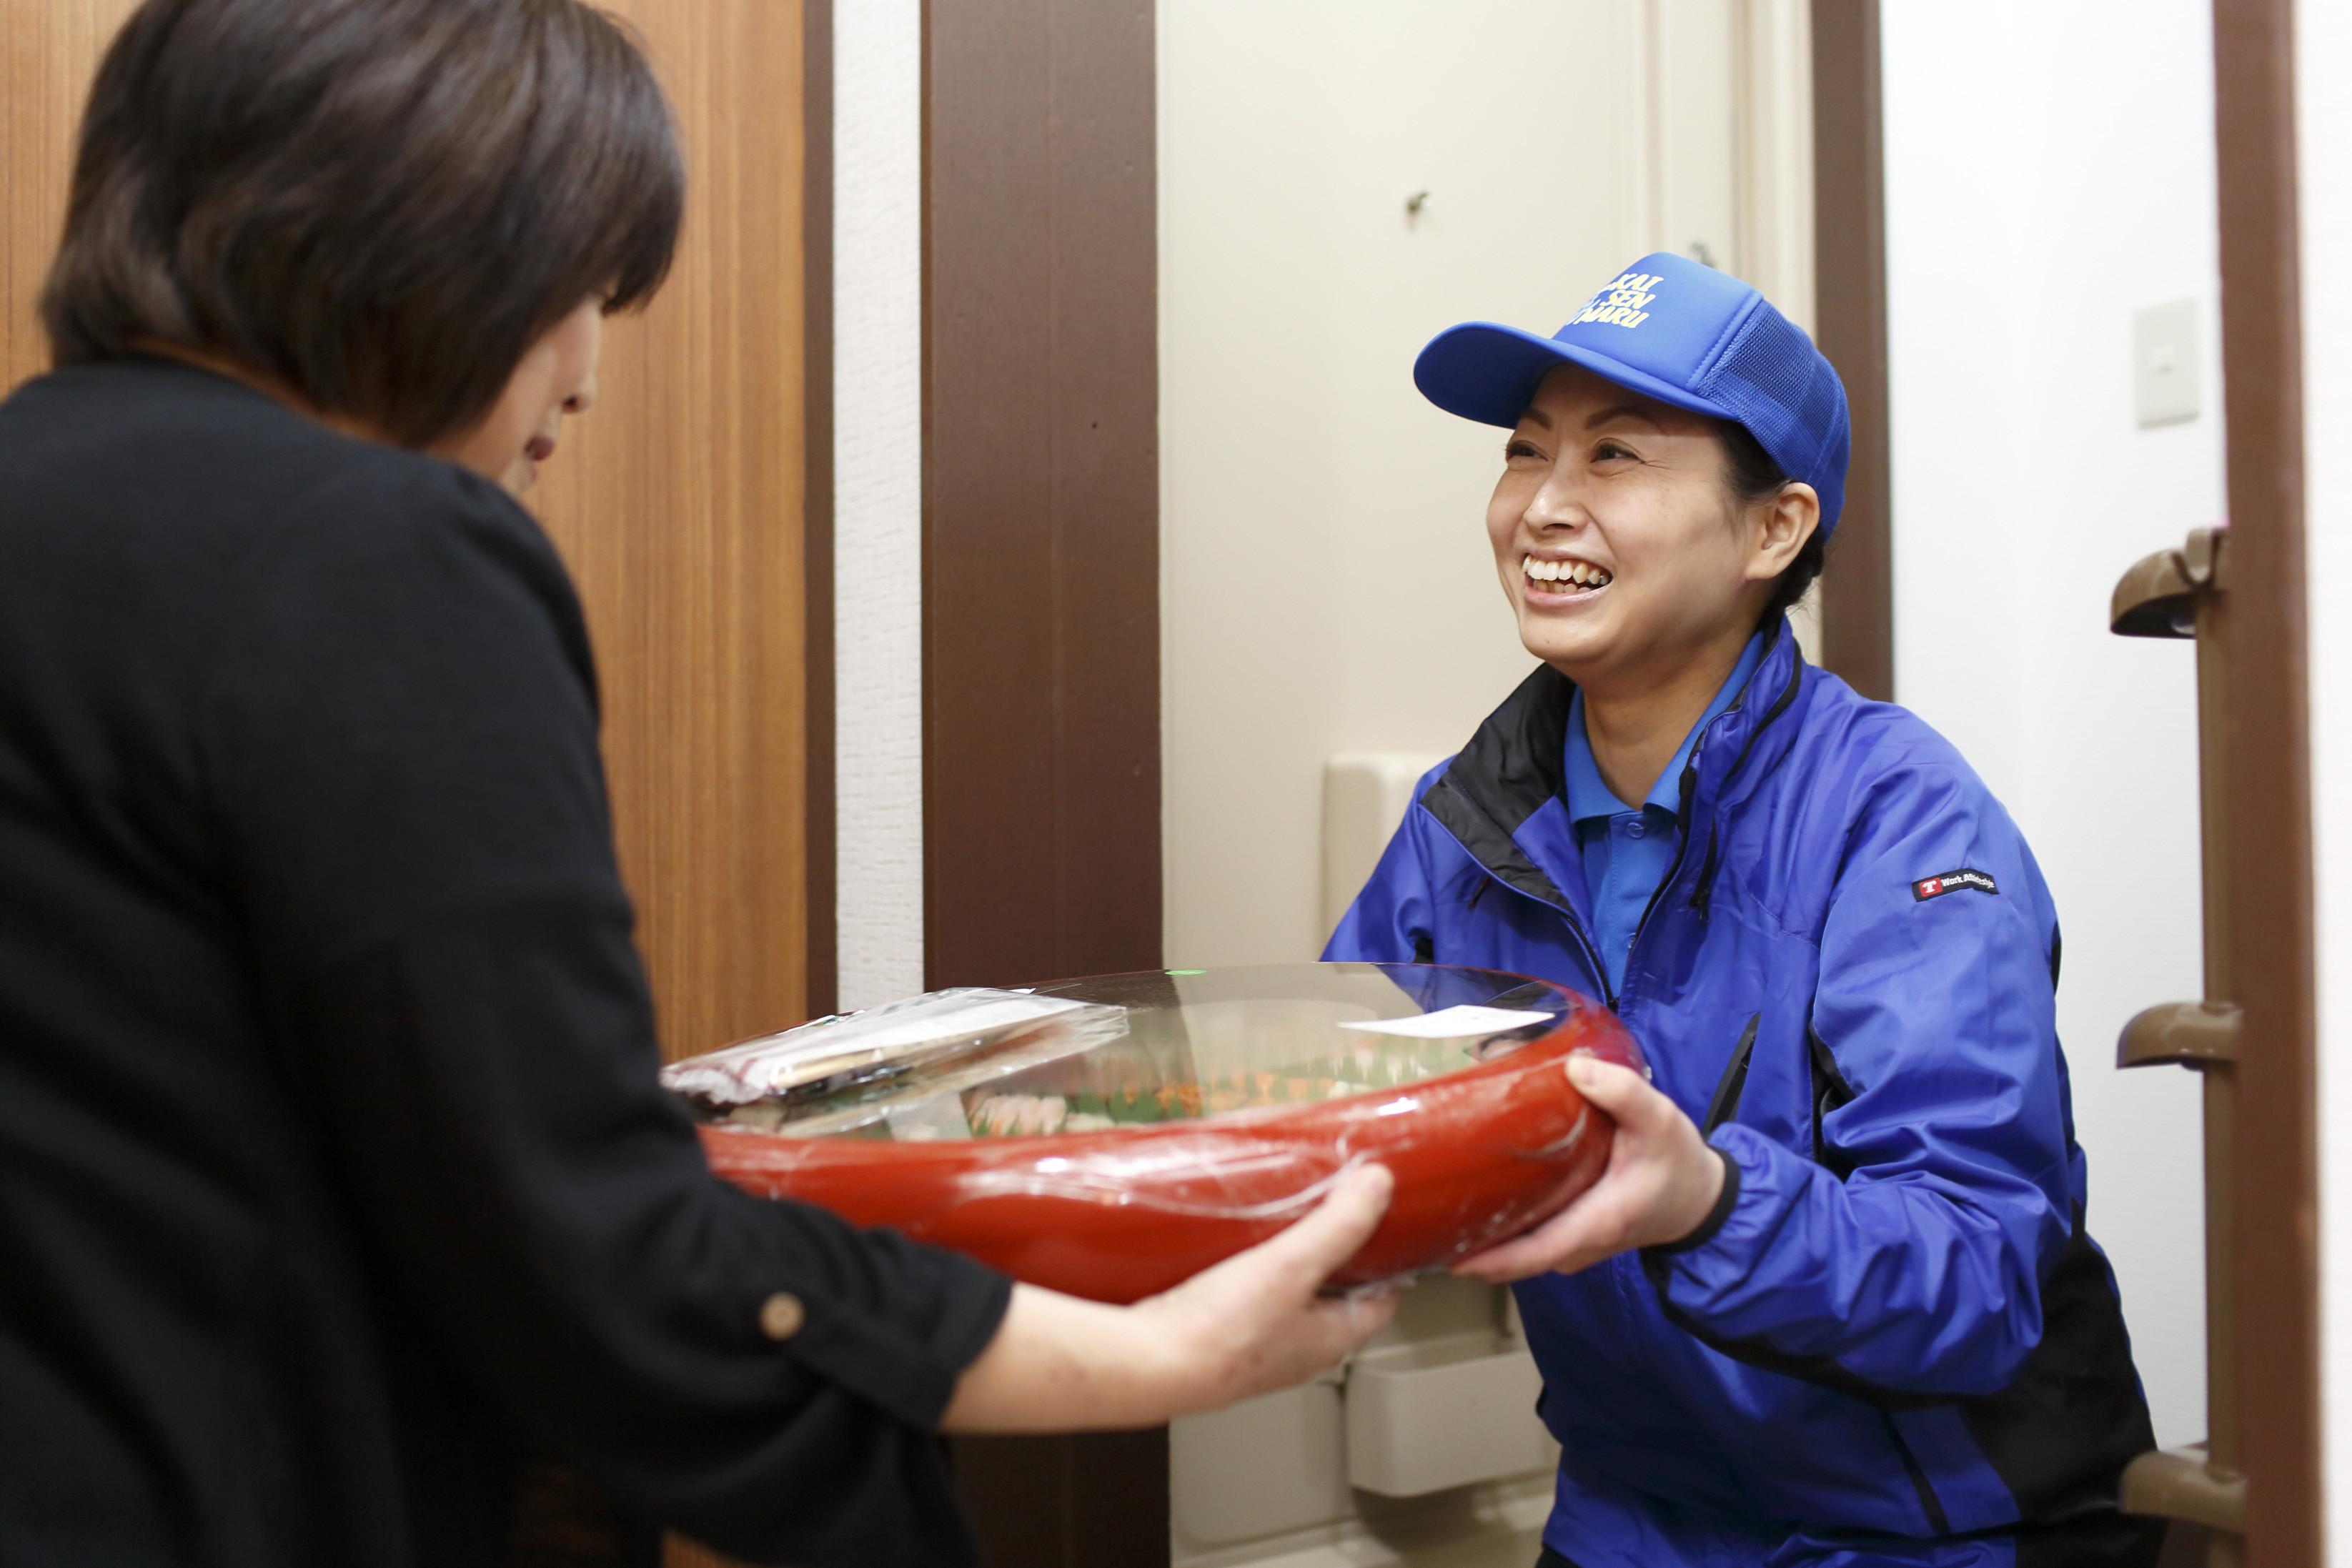 札幌海鮮丸 釧路店 デリバリー(配達)スタッフのアルバイト情報